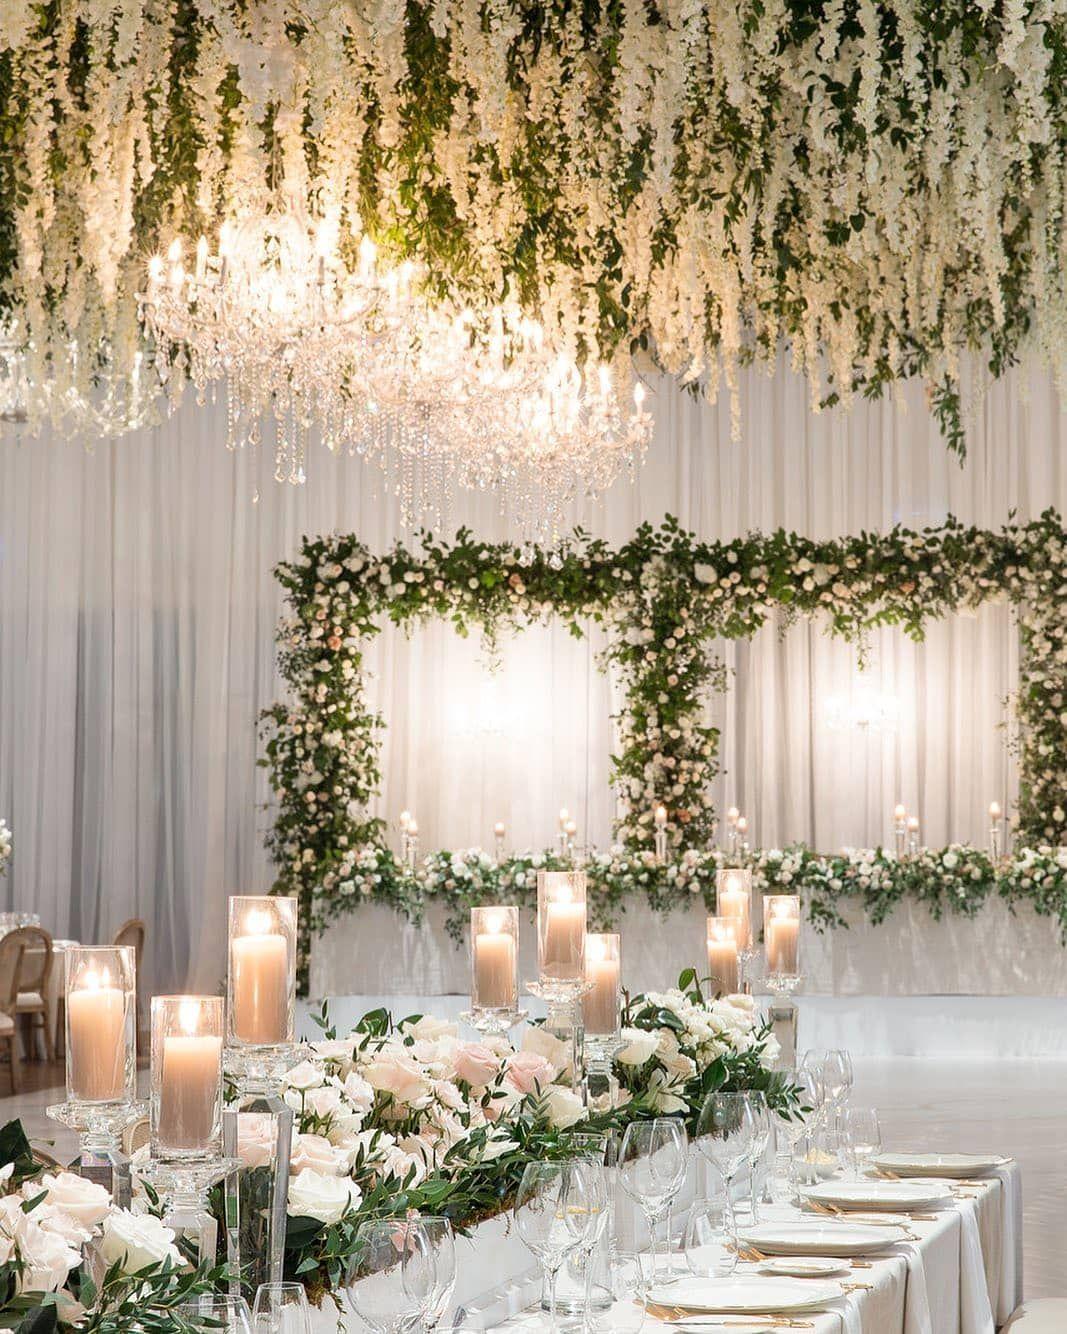 Gefallt 1 384 Mal 10 Kommentare The Wedding Pic Theweddingpic Auf Instagram Flowers Crystals 5iv Hochzeit Deko Hochzeitsdeko Hochzeit